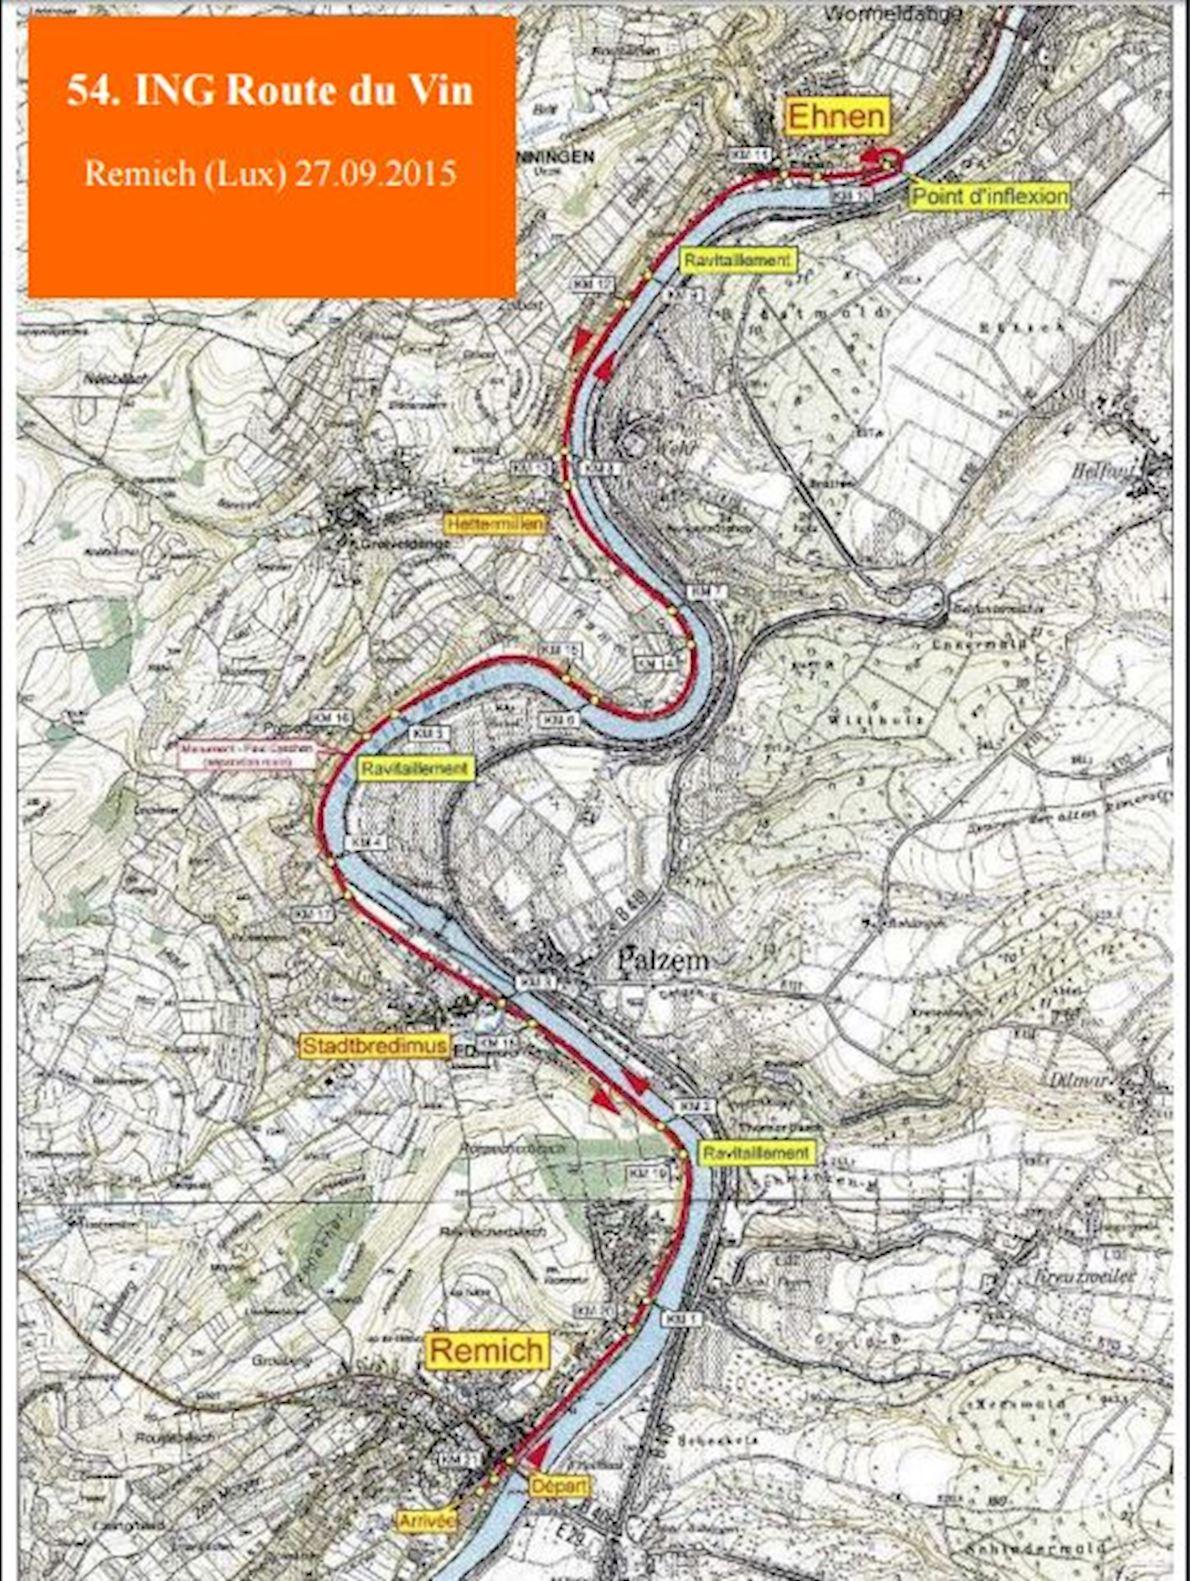 ING Route du vin Mappa del percorso